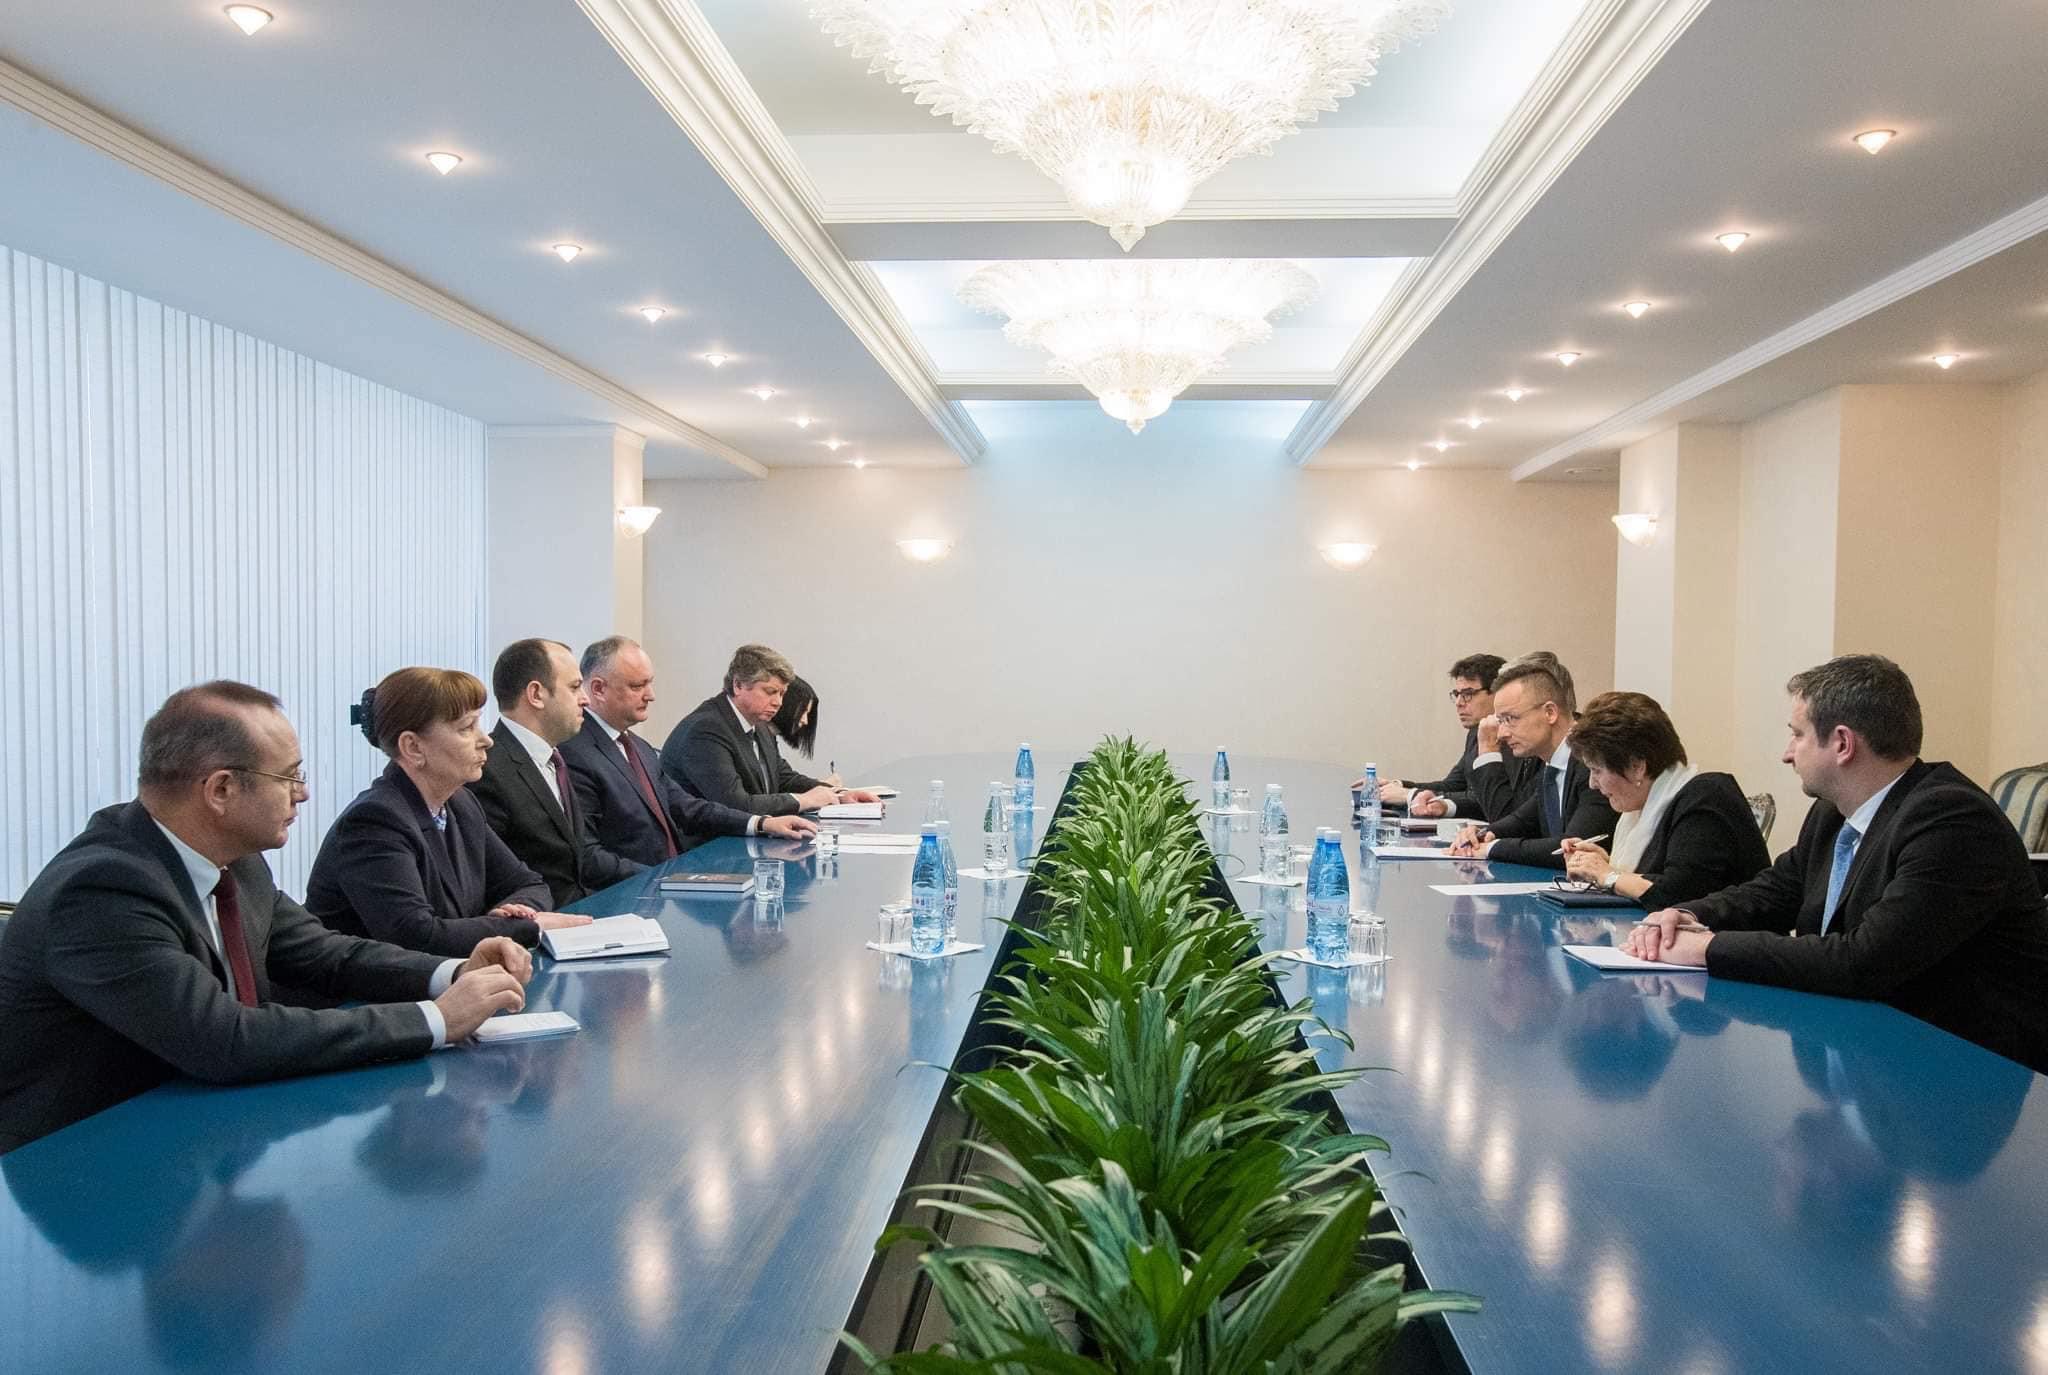 В марте Молдову посетит премьер Венгрии Виктор Орбан. В ходе визита будет подписано Соглашение о стратегическом сотрудничестве (ФОТО, ВИДЕО)